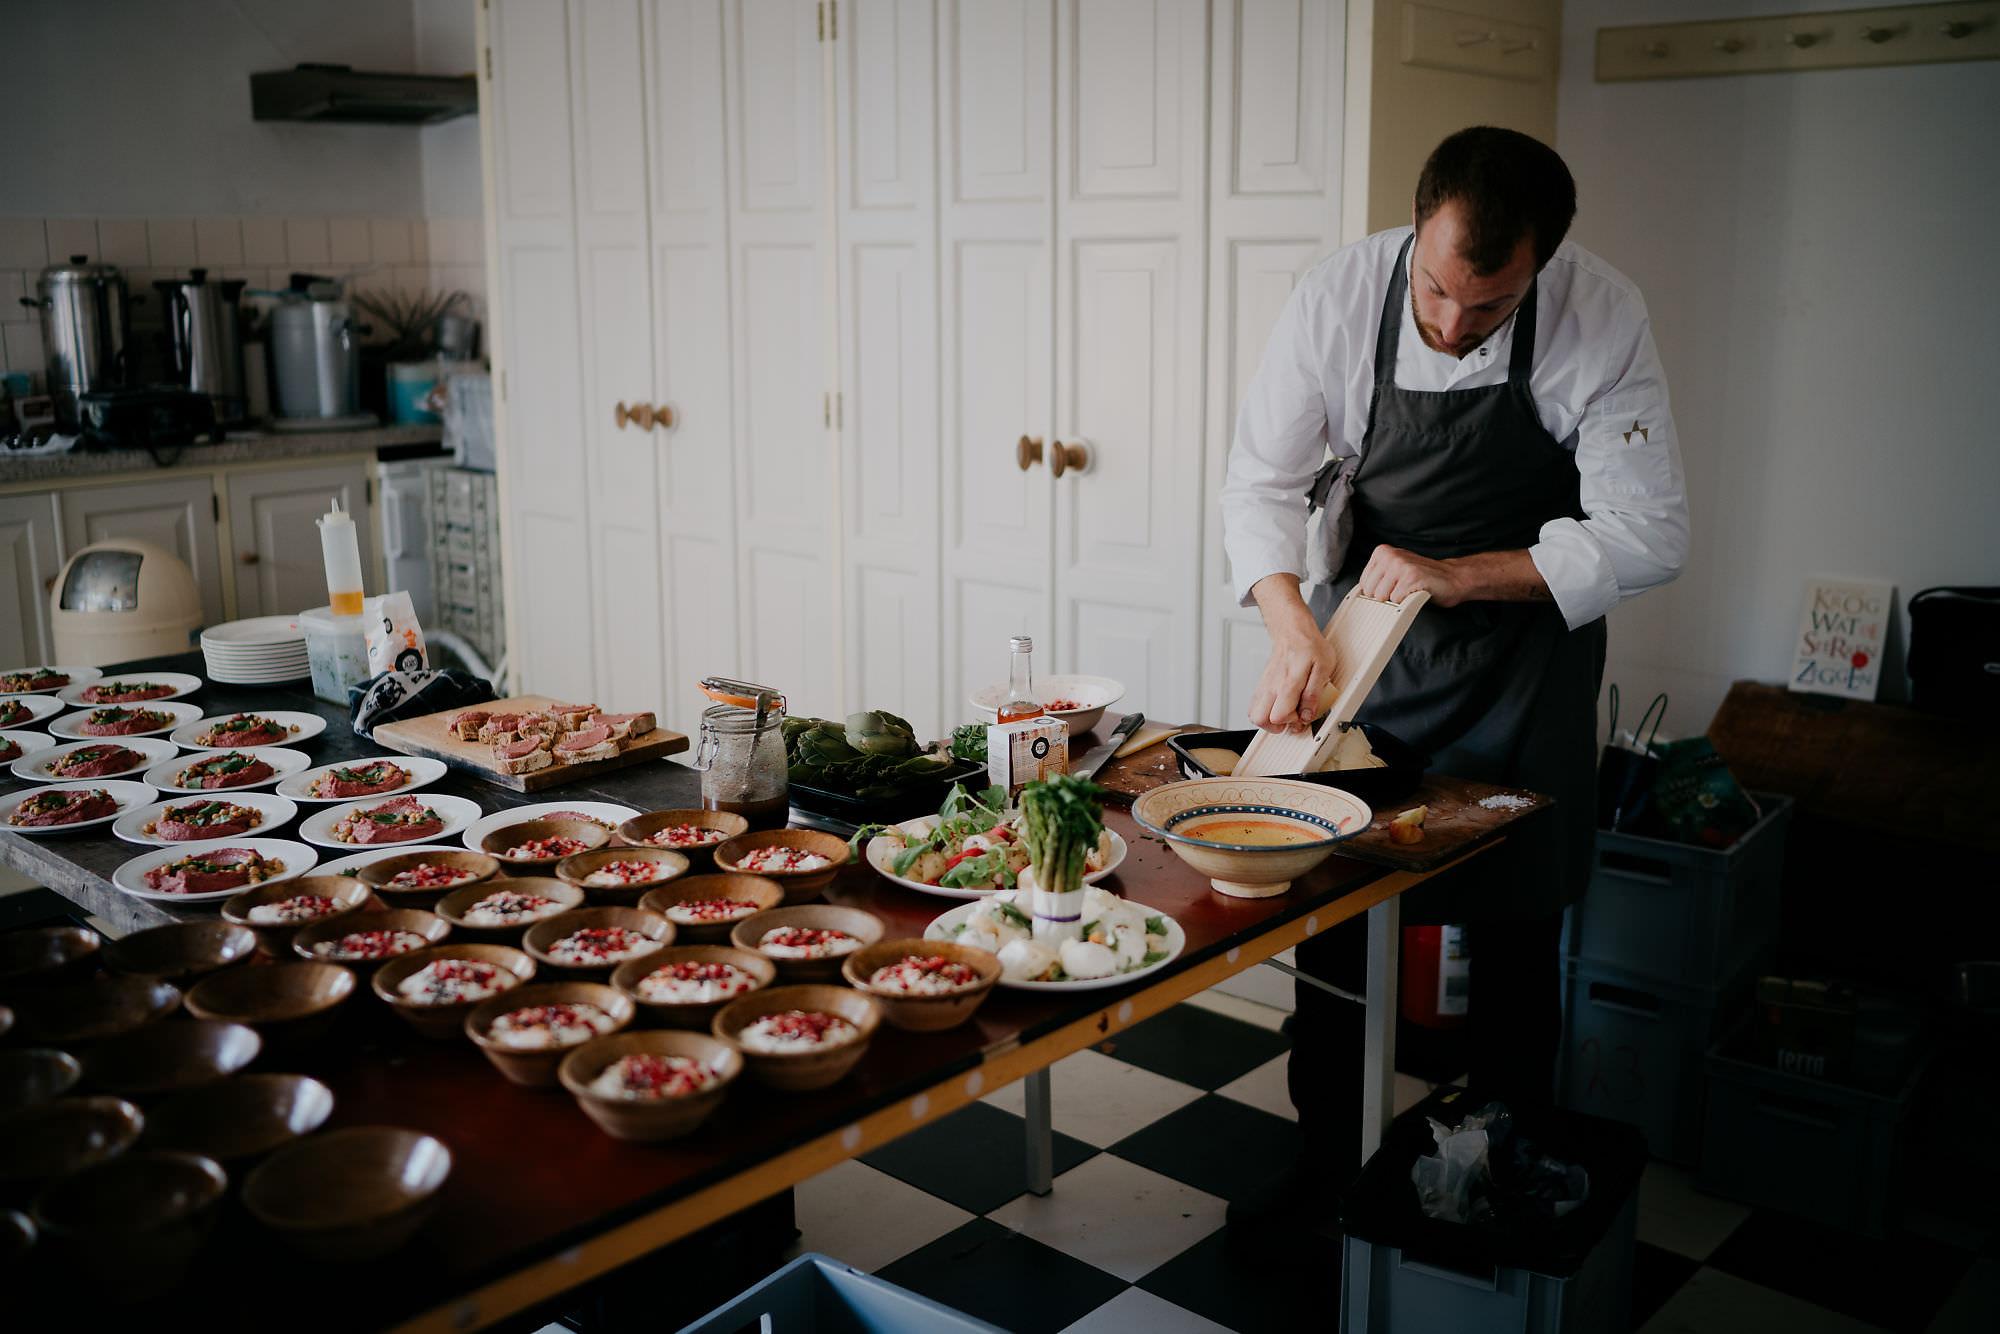 wedding dinner photo by destination wedding photographer mark hadden